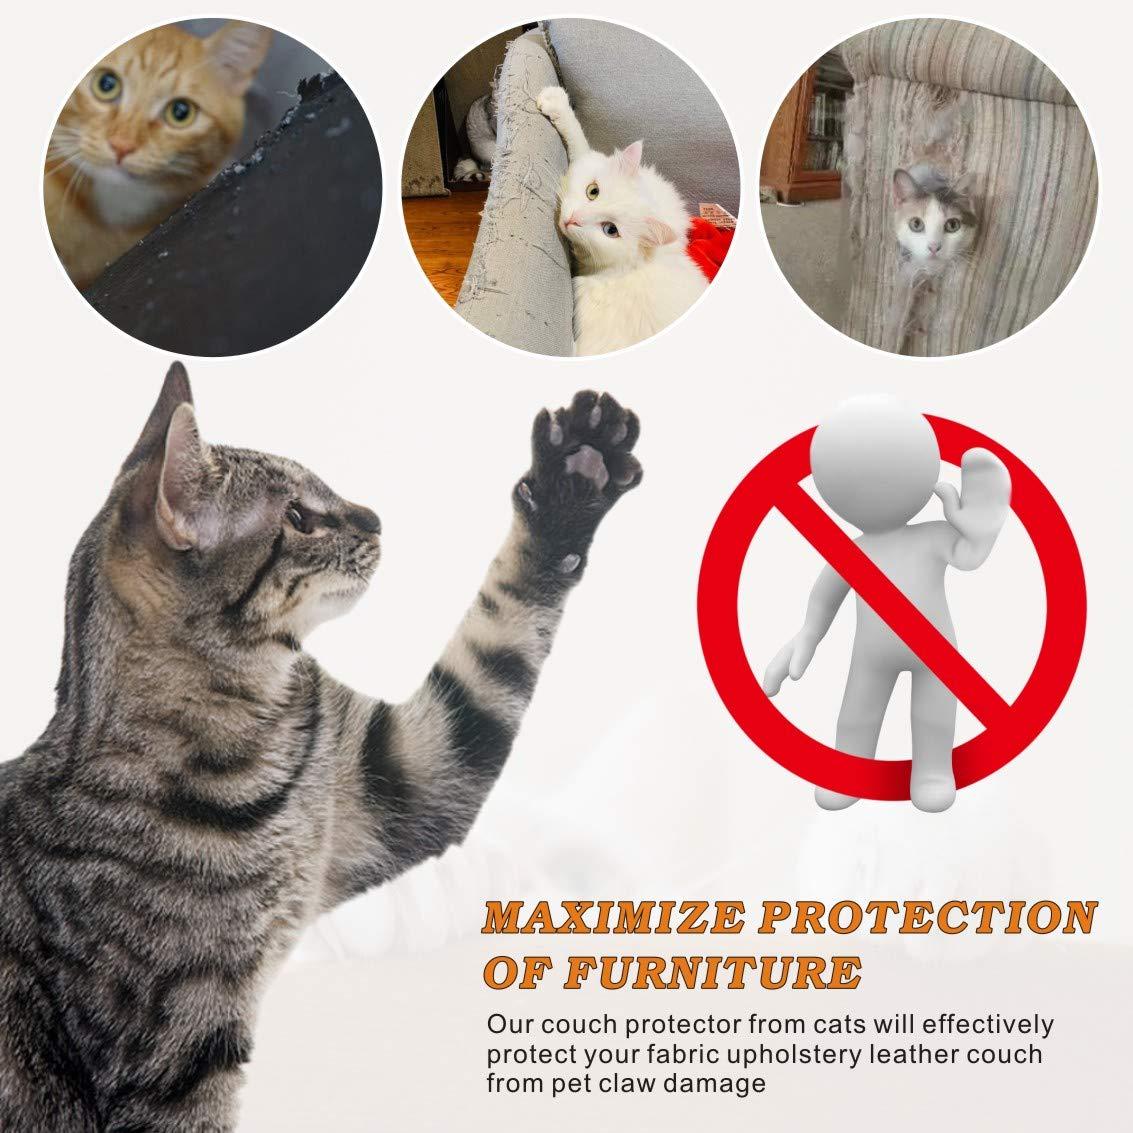 Idepet 4PCS Protezione Graffi Gatto,Autoadesive AntiGraffio Protector con 40 Viti Tappetino tiragraffi per Gatti Protettivo per Divano, Gambe di tavoli e sedie